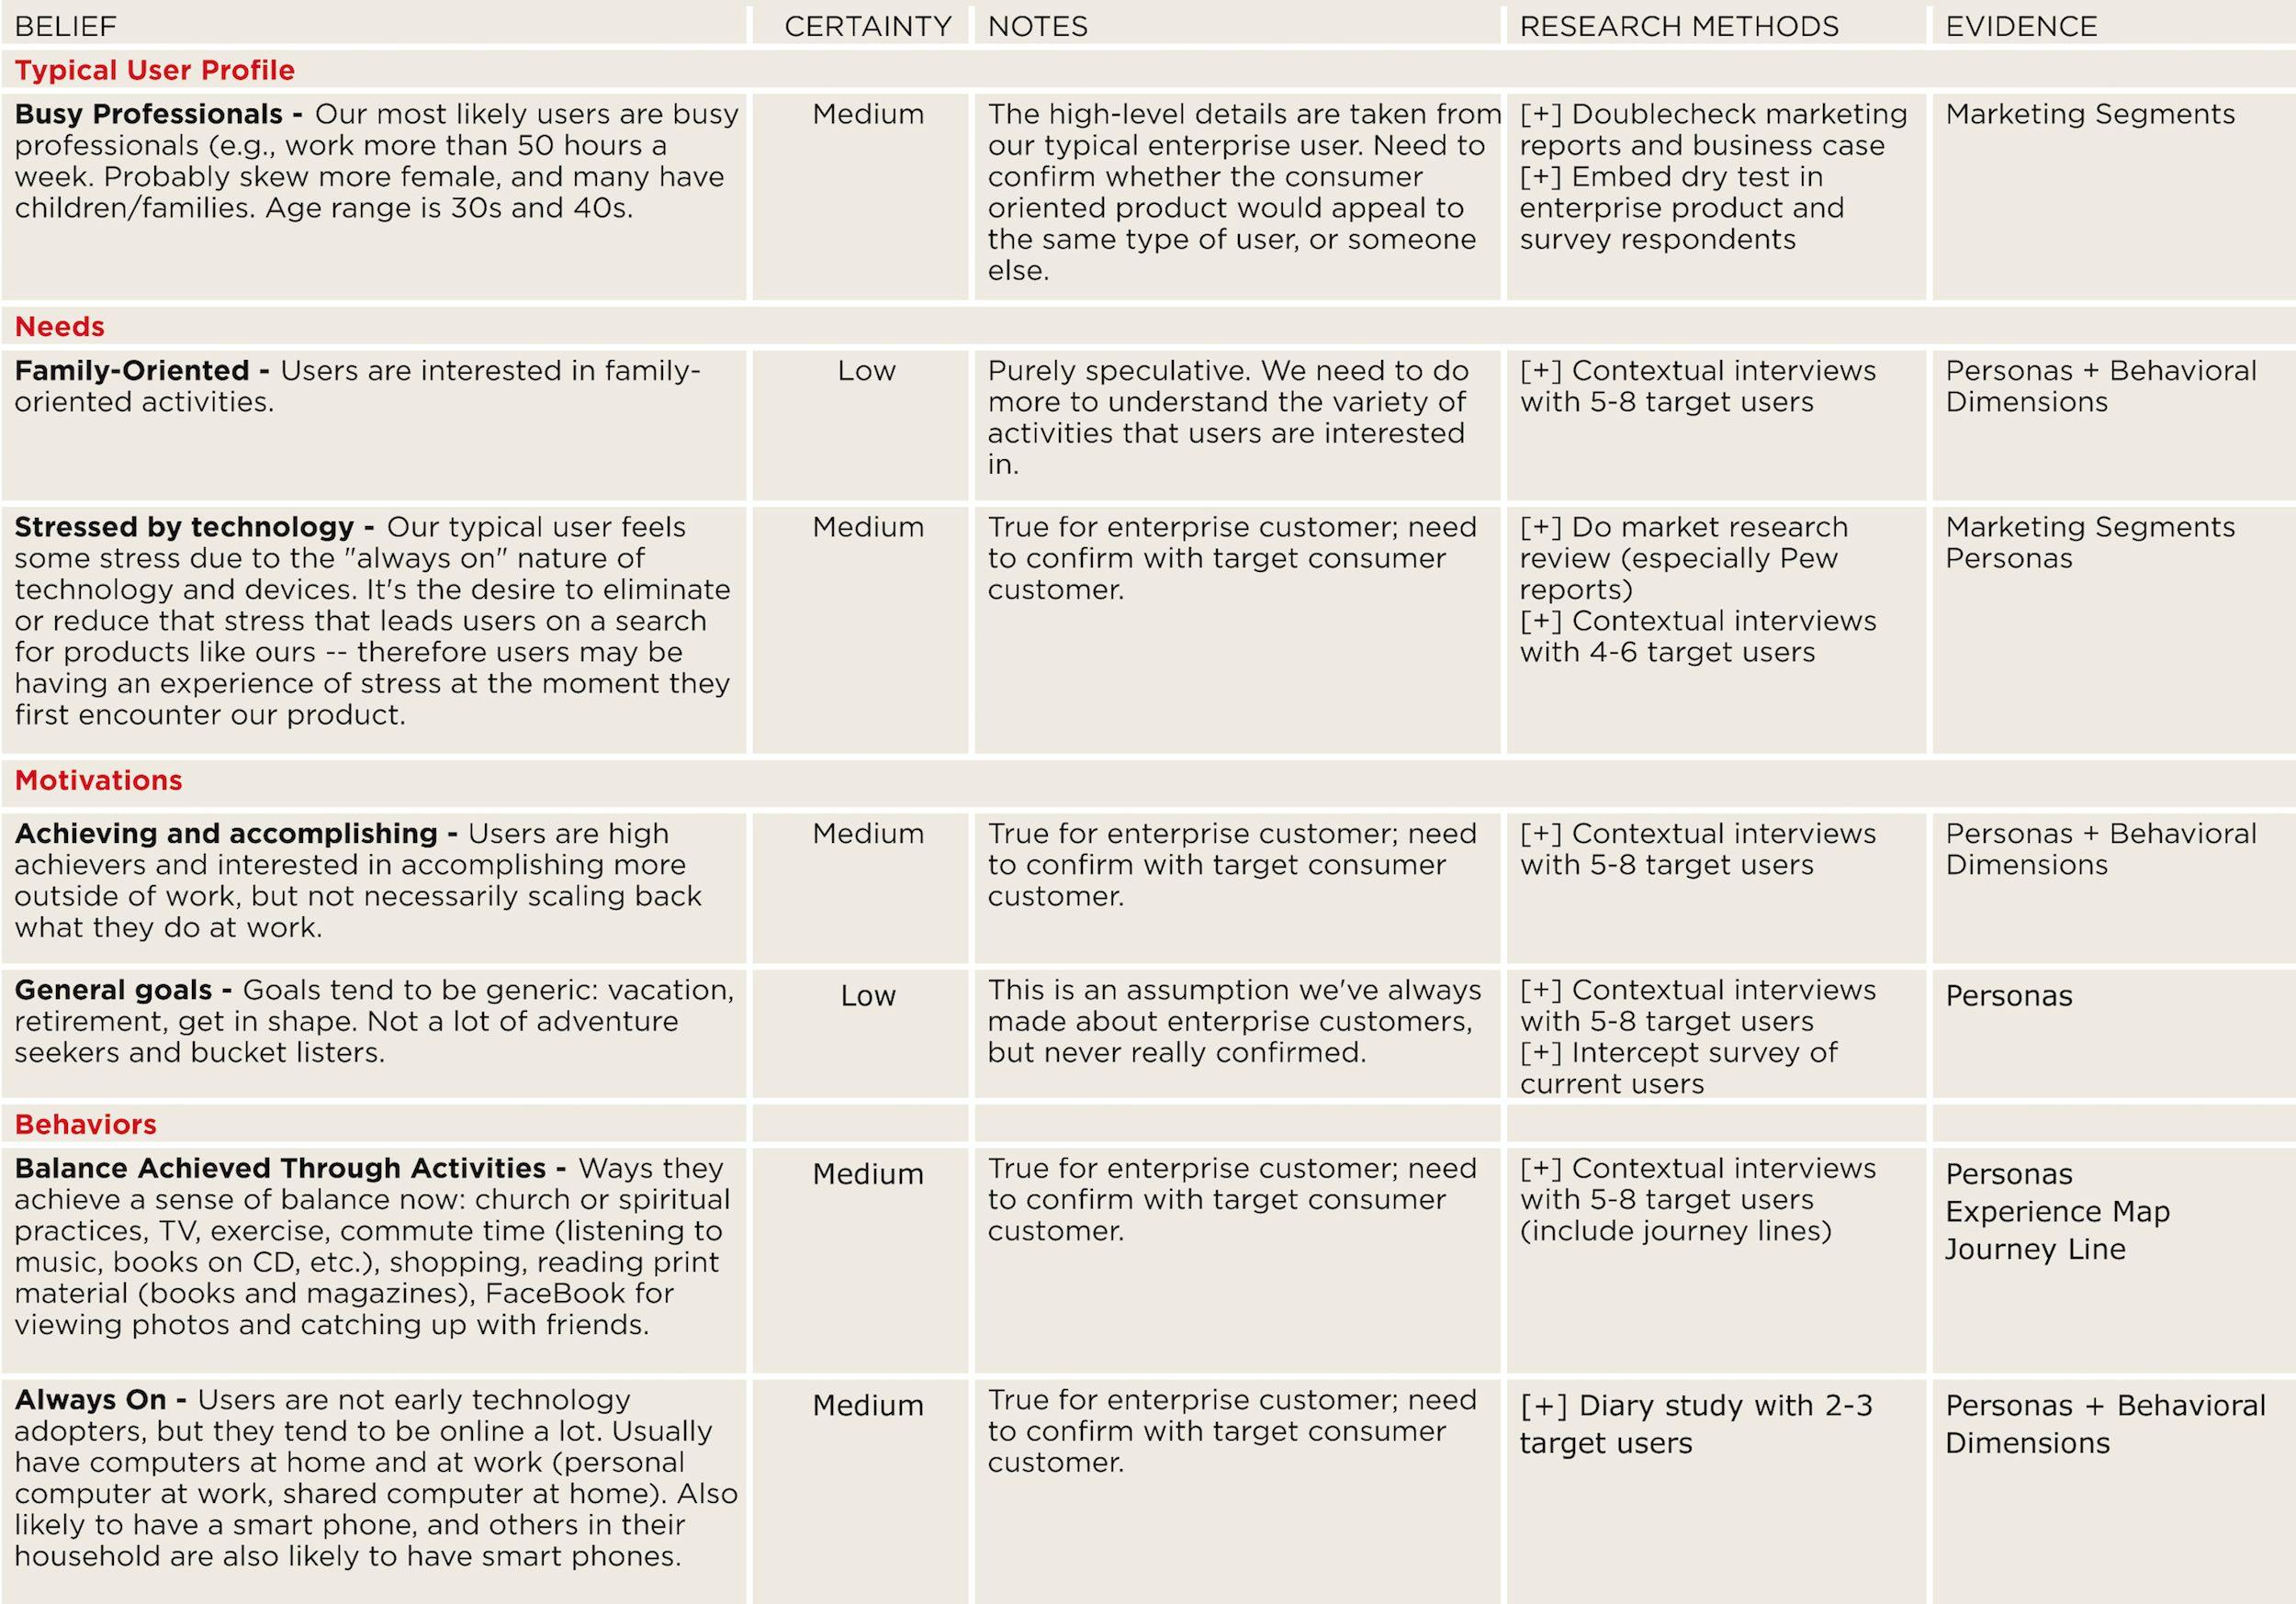 interior design questionnaire sample - Google Search ...